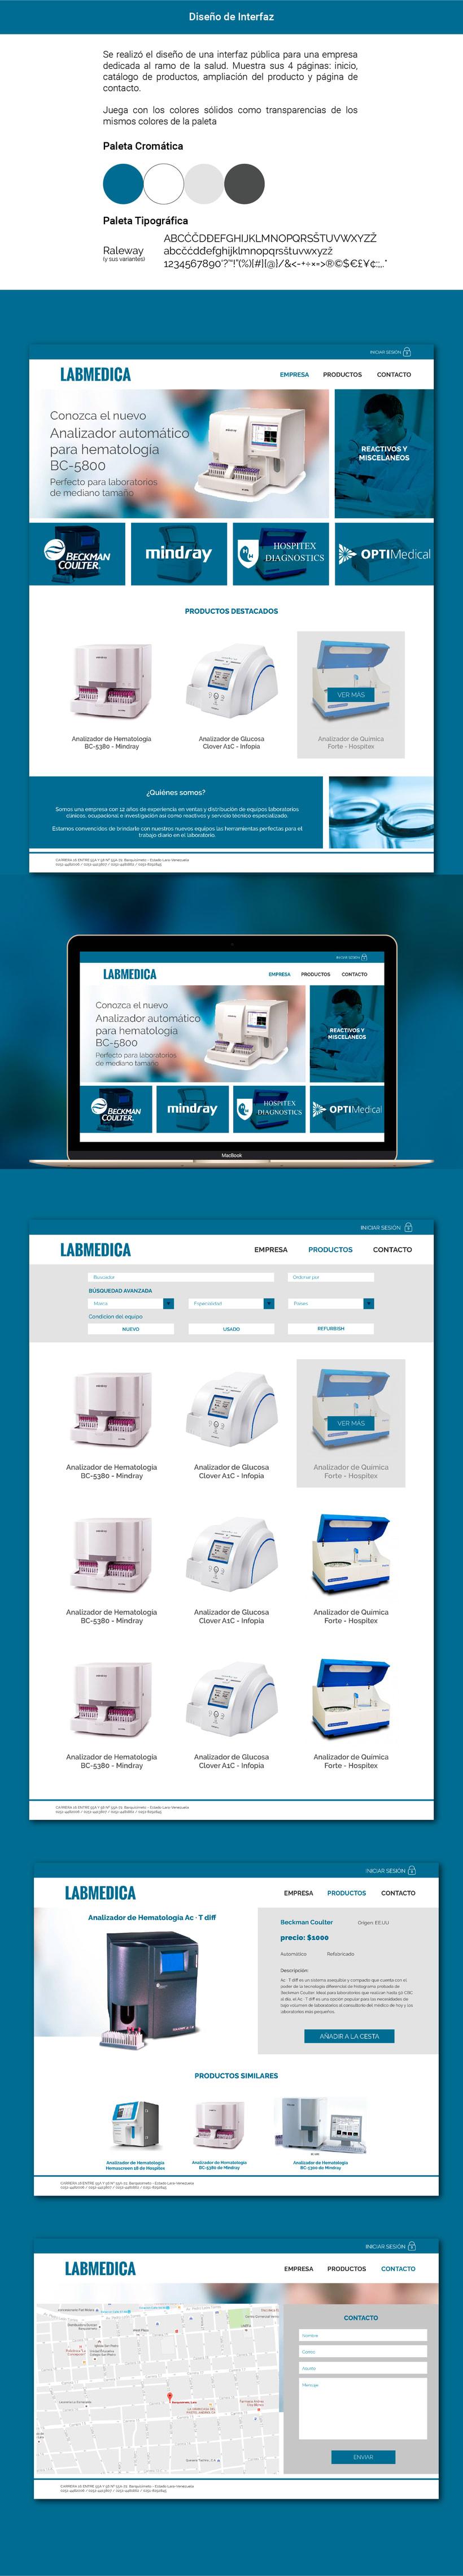 Diseño de Interfaz (Diseño de Identidad Corporativa Web) -1